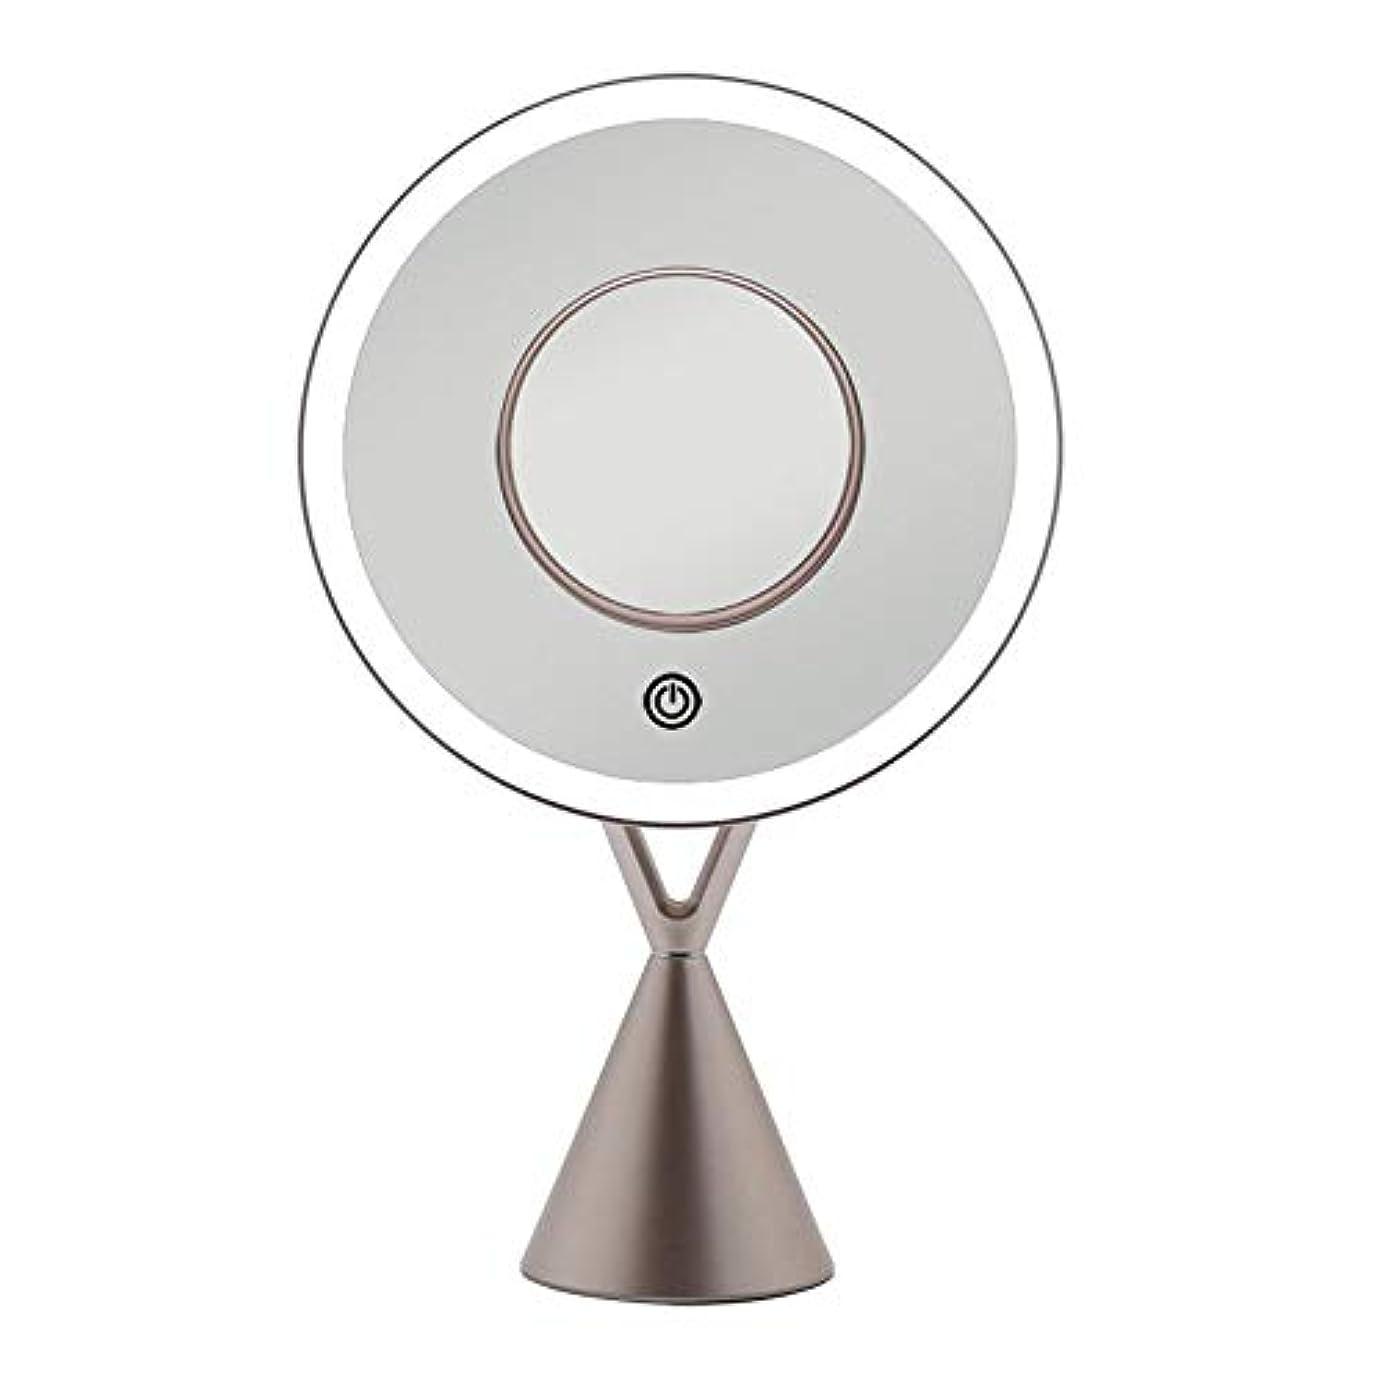 合体噛む引っ張る流行の LEDフィルライトデスクトップミラー5倍磁気吸引拡大鏡45度自由調整ローズゴールドギフト